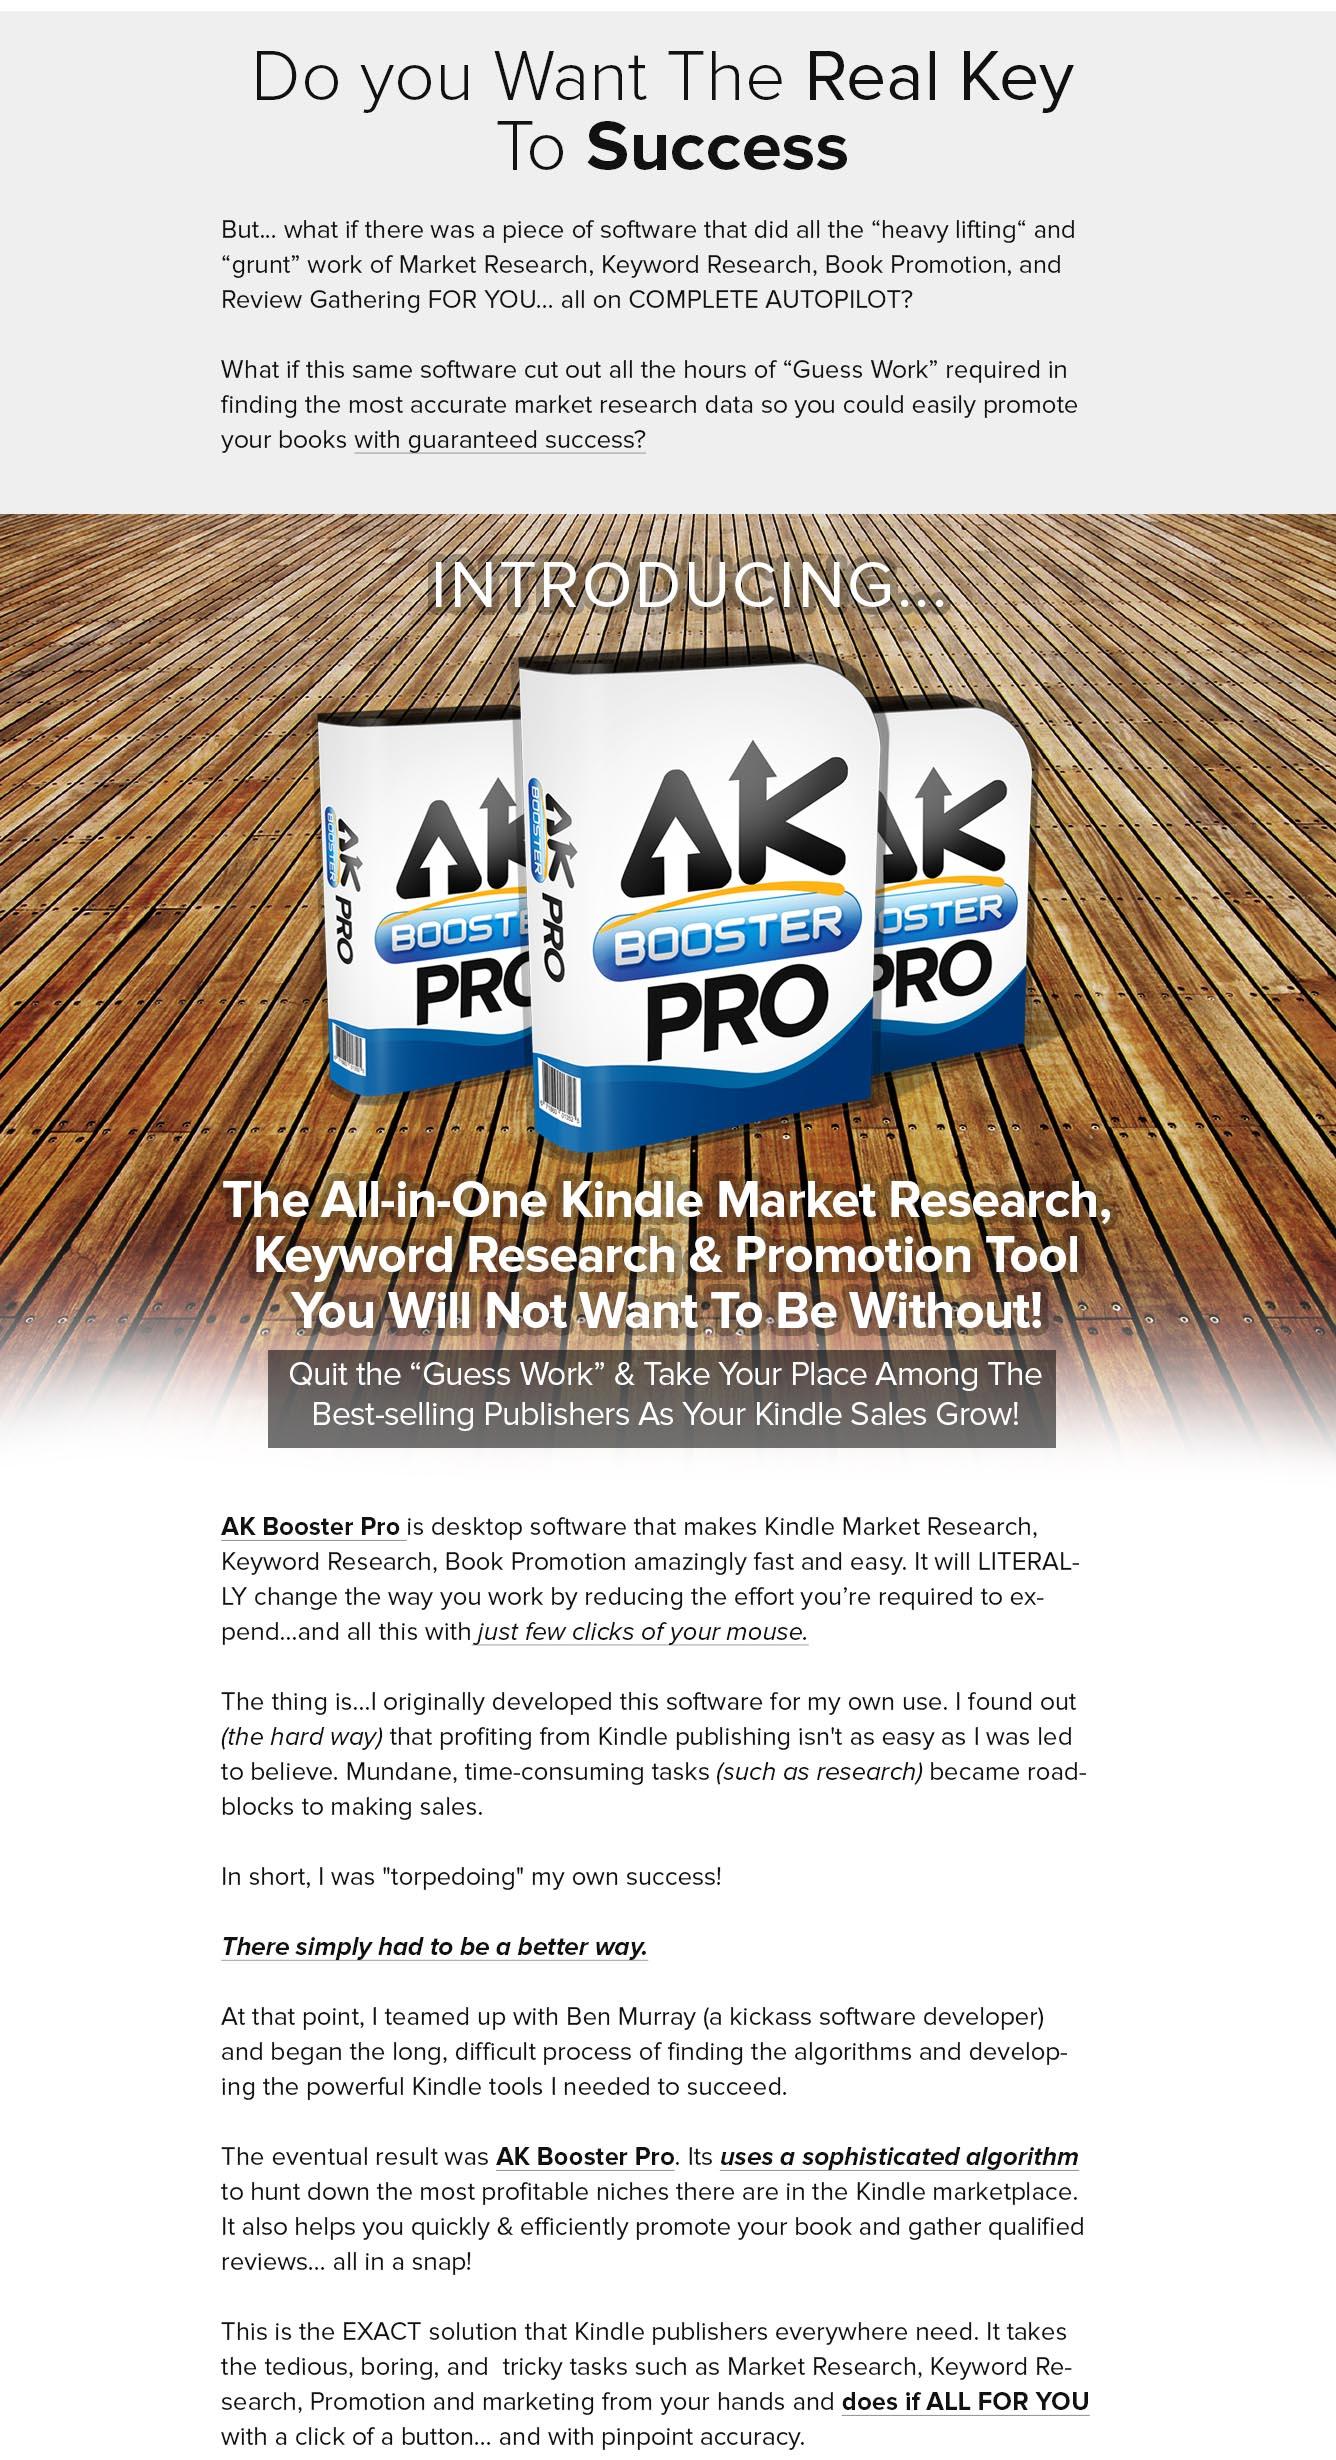 AK Booster Pro 1.2